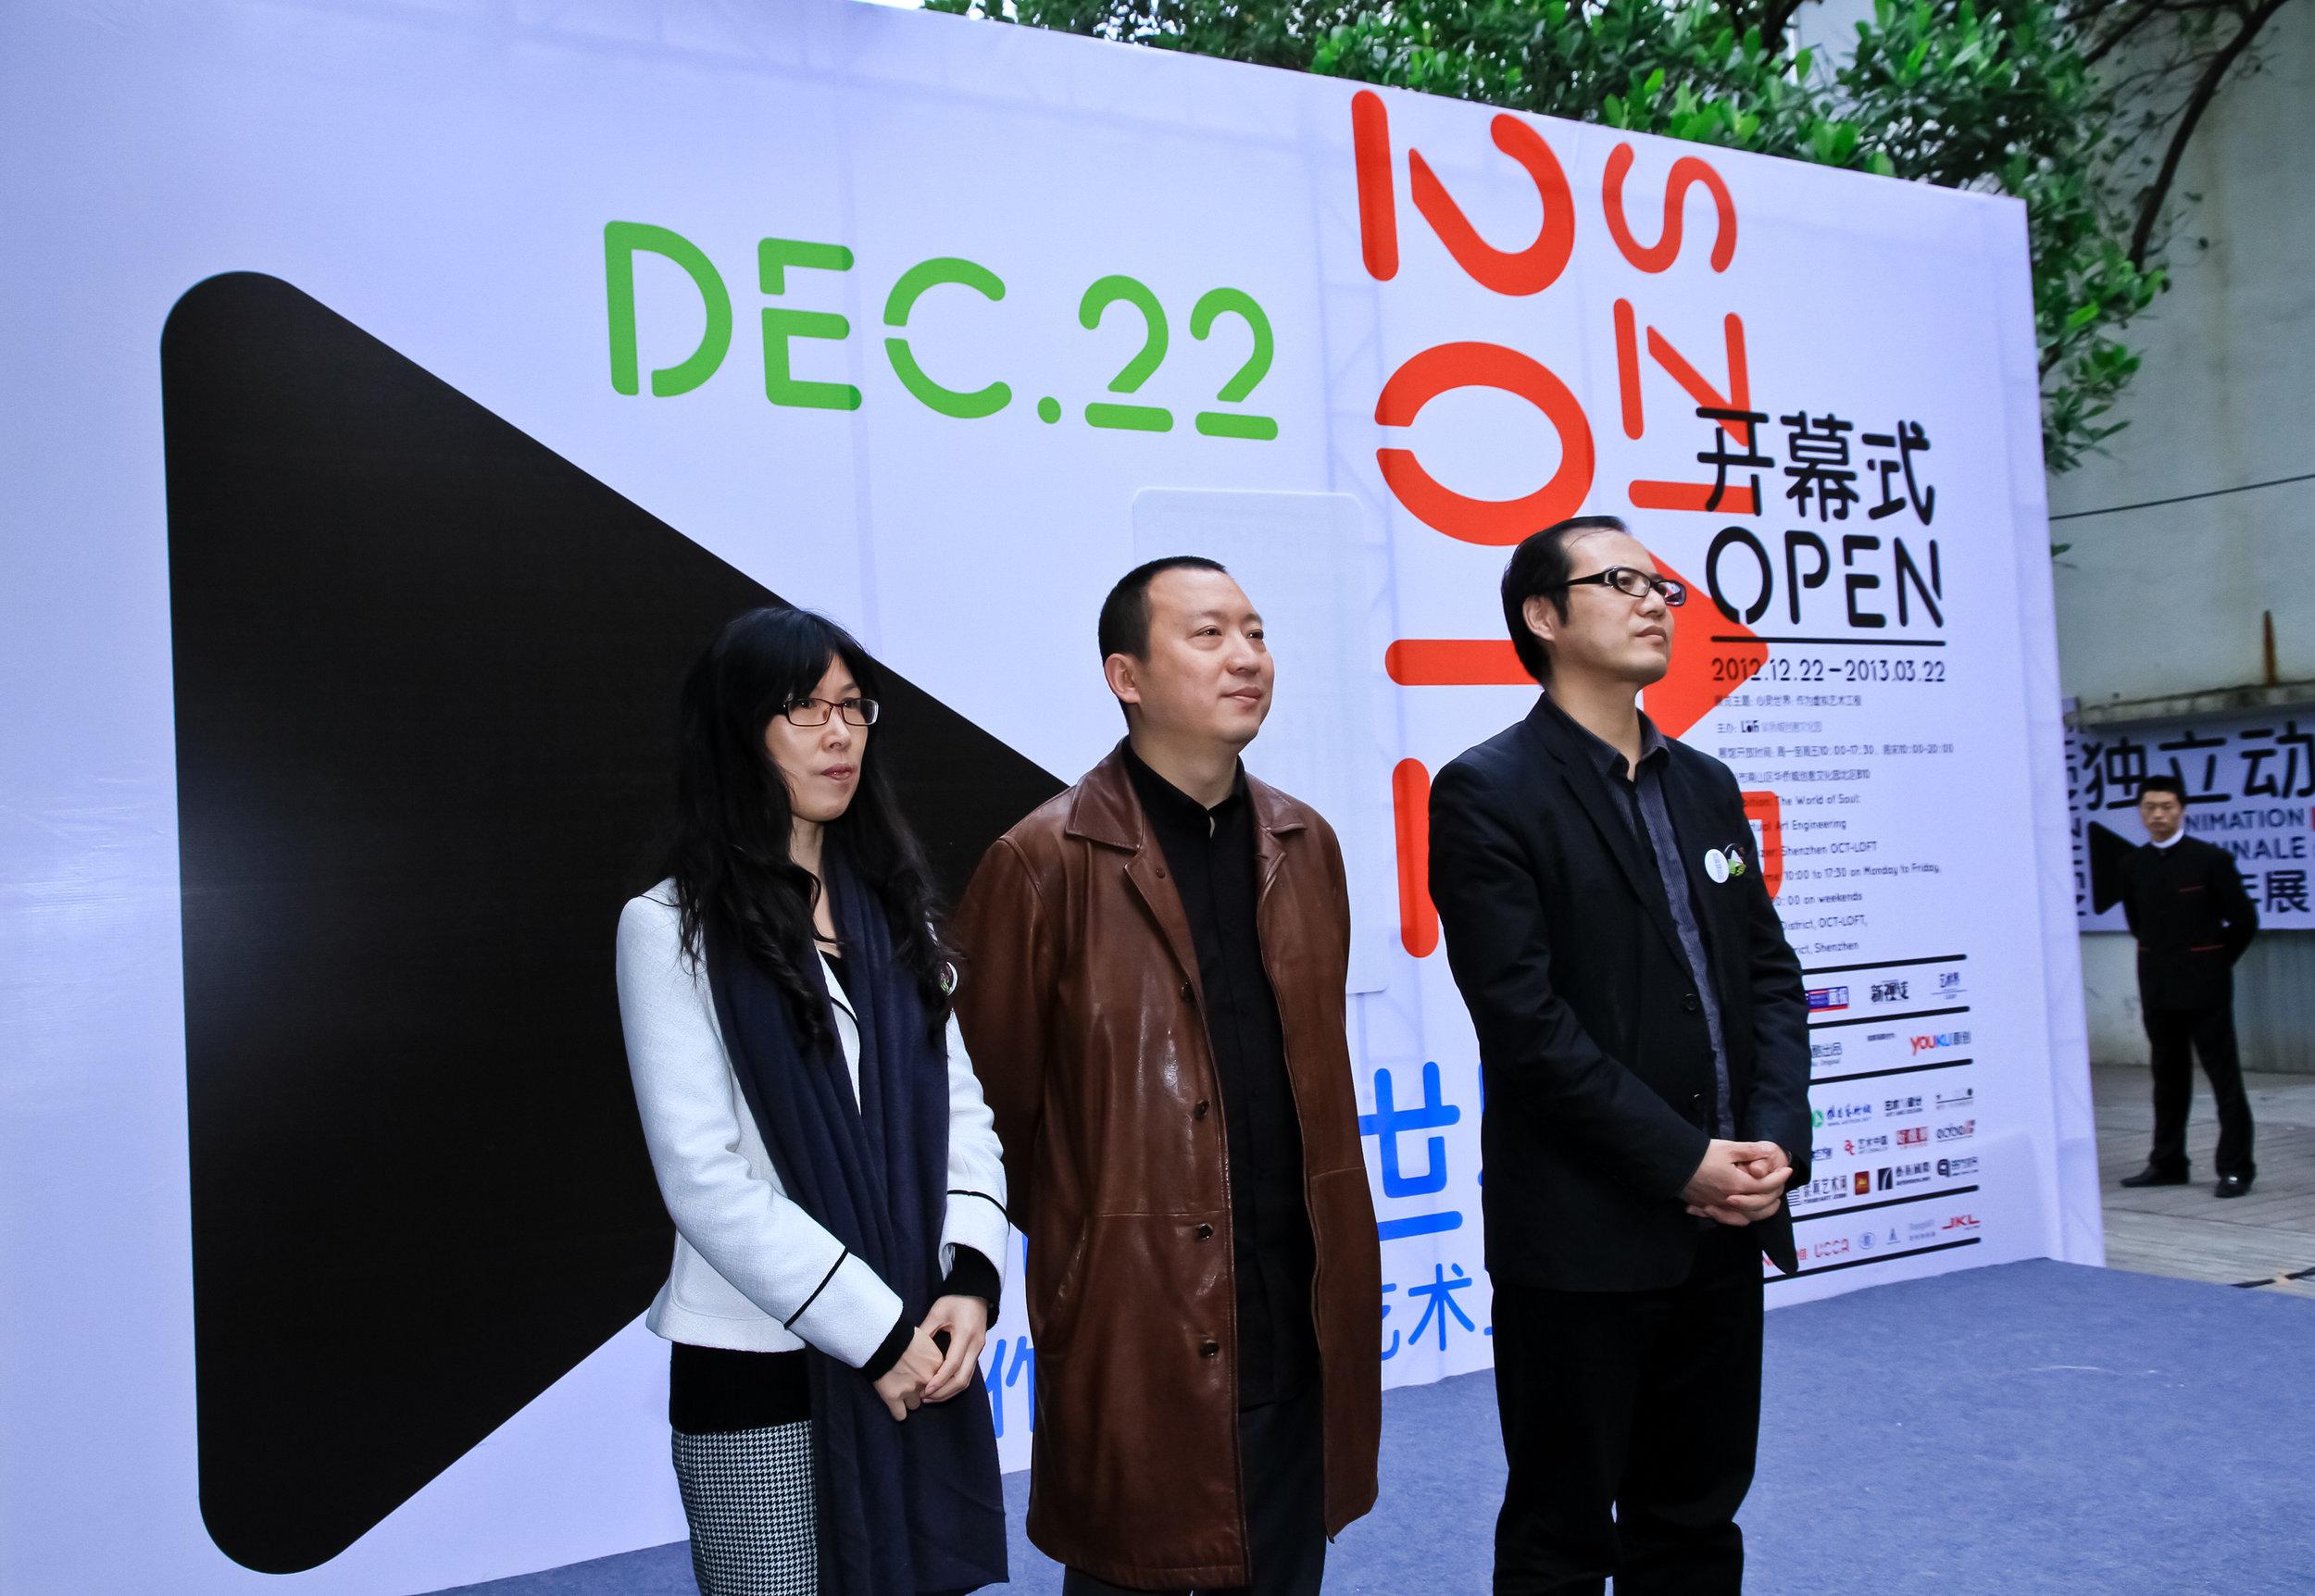 20121222首届深圳独立动画双年展06 欧阳勇 摄影.jpg